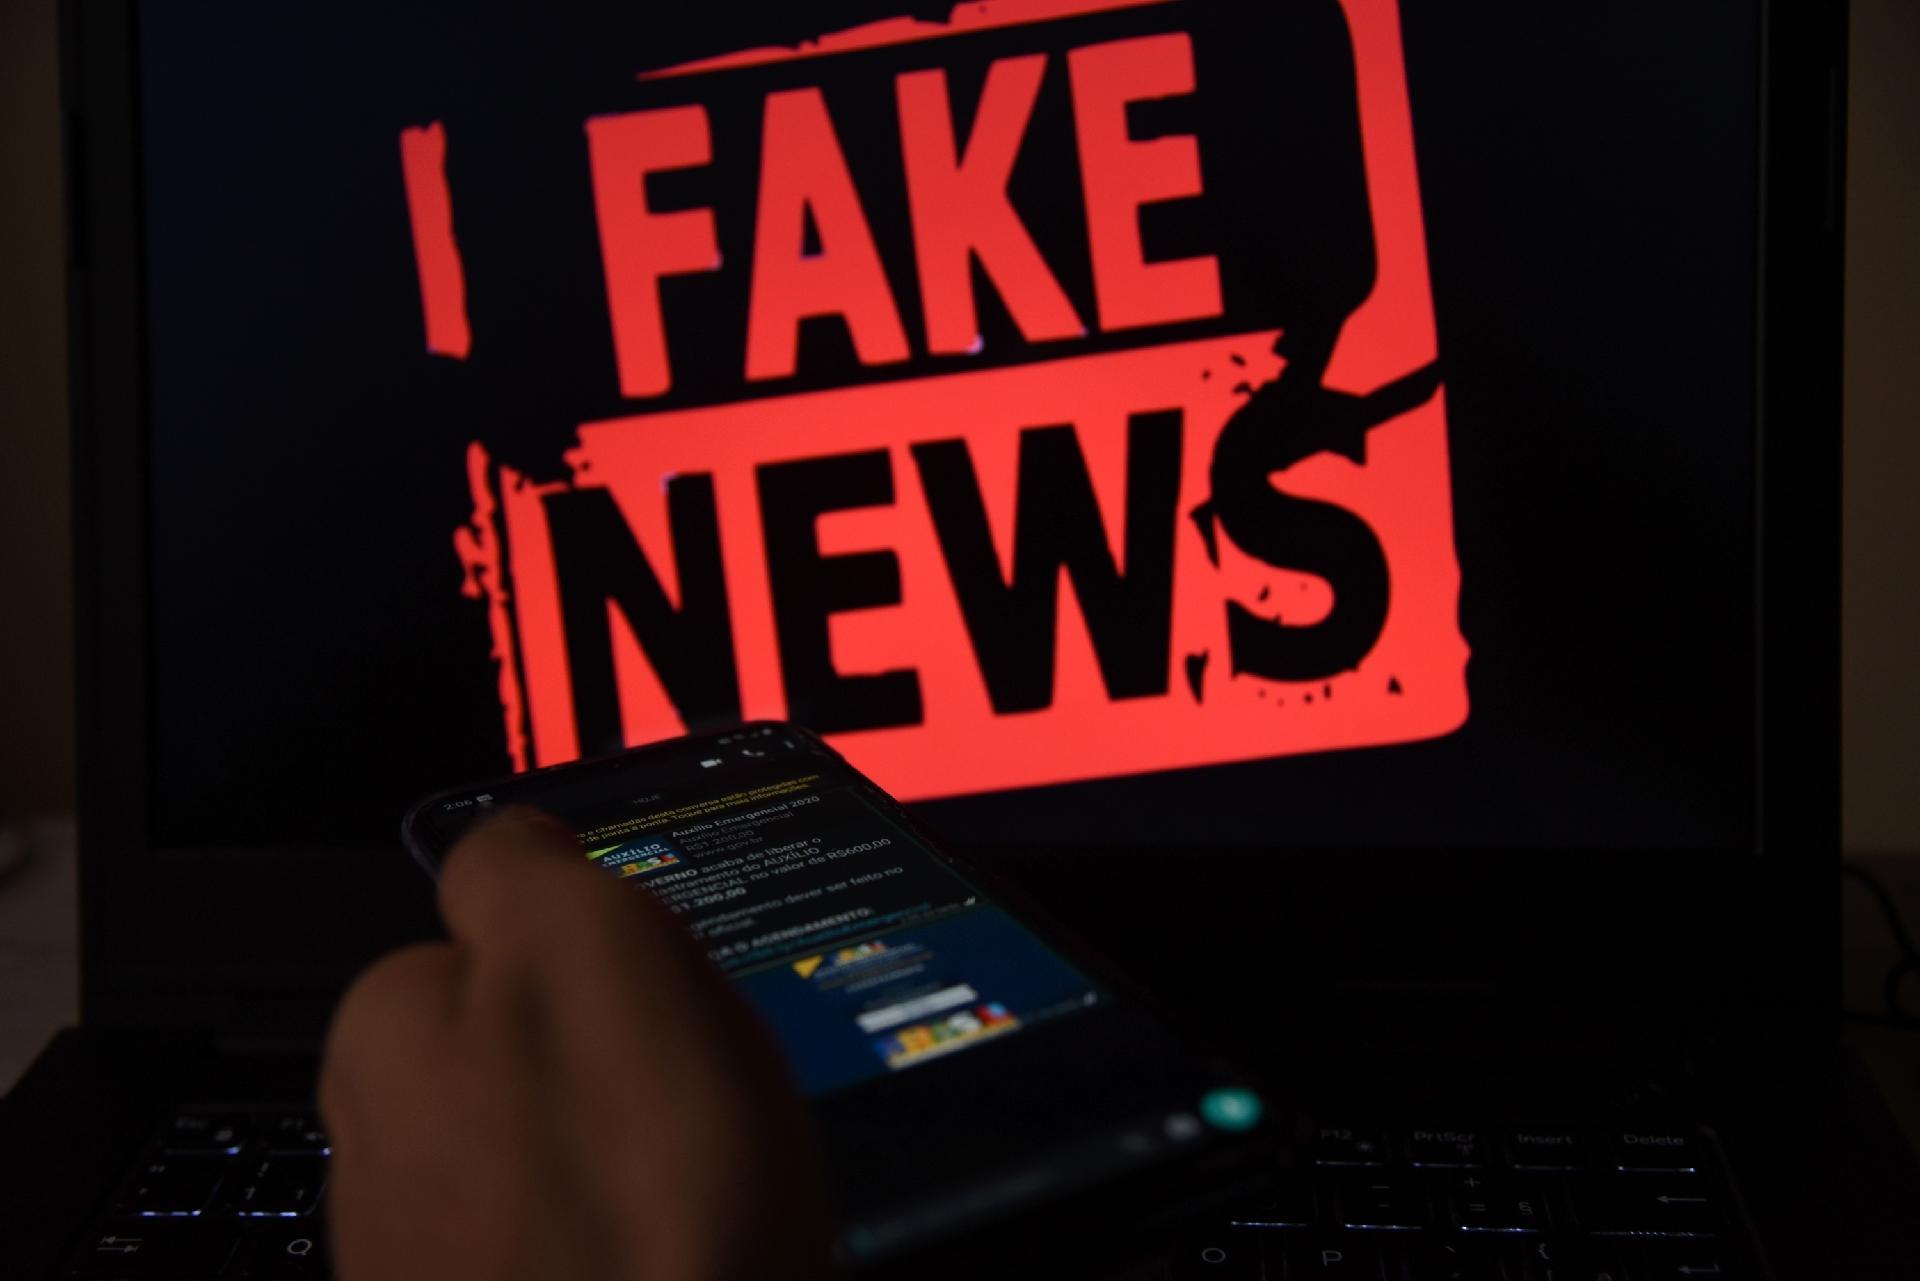 Investigação das fake news: Canais no YouTube receberam anúncios ...